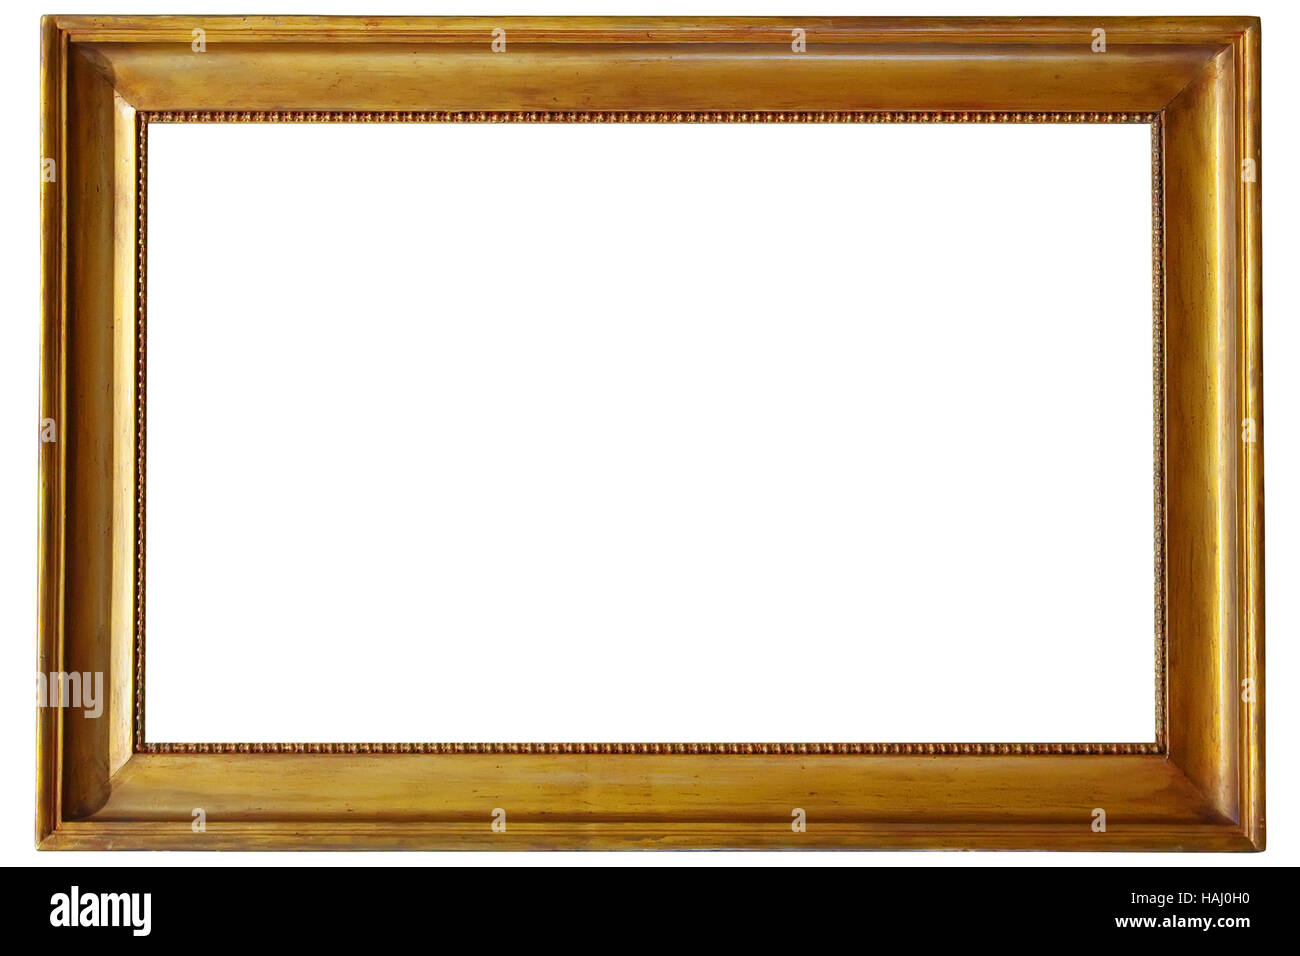 Goldene Bilderrahmen Stockfoto, Bild: 127014748 - Alamy